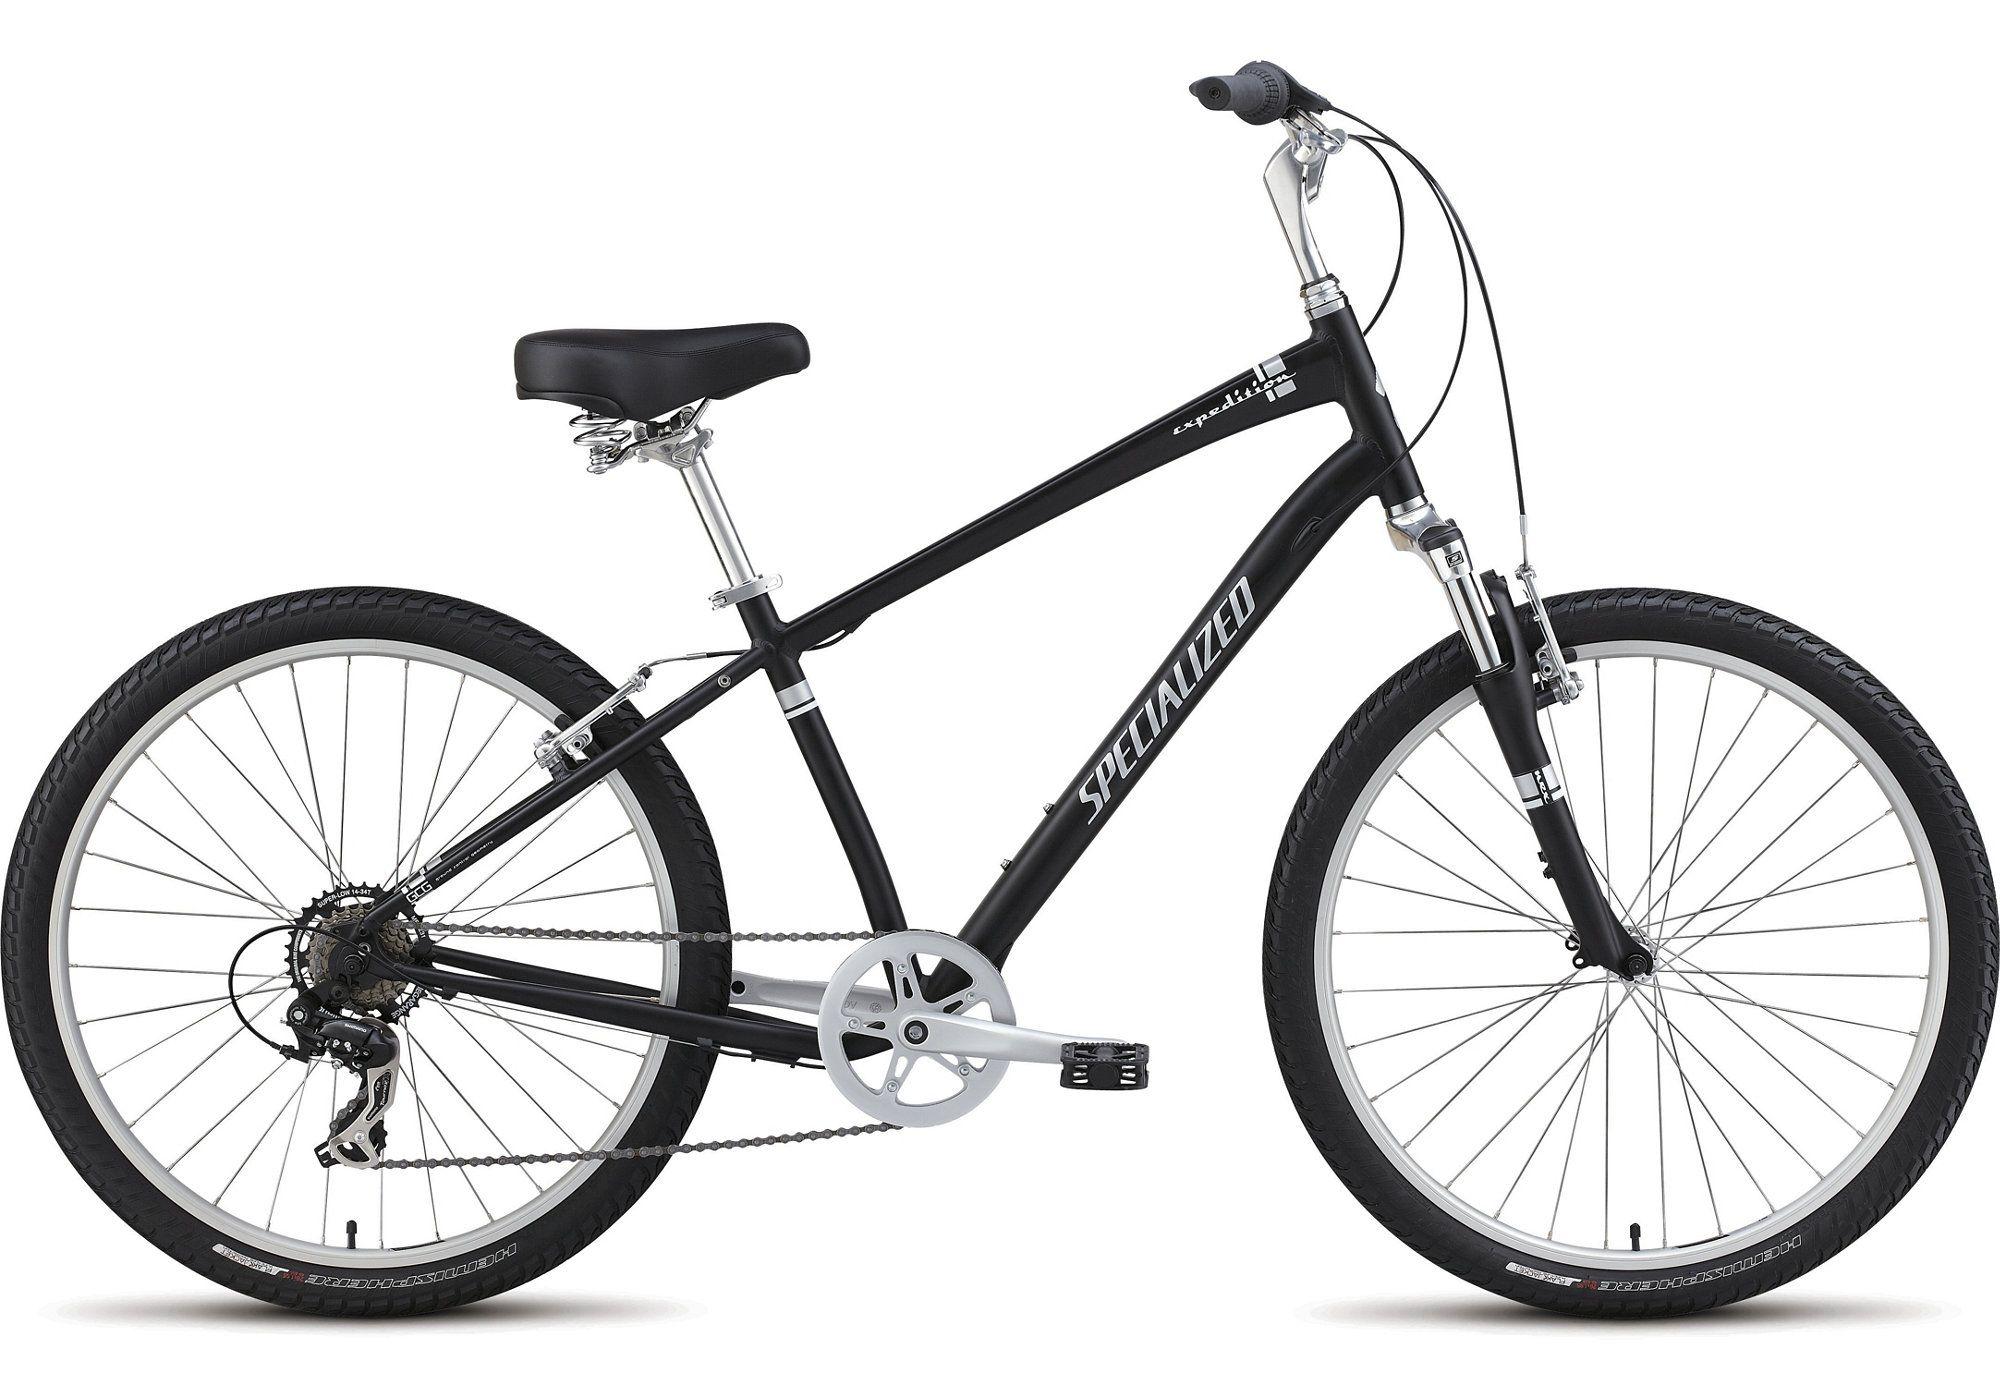 Велосипед Specialized Expedition 2016 selle royal посмотрите в основном седле велосипеда sr mountain велоспорт складное место для велосипеда